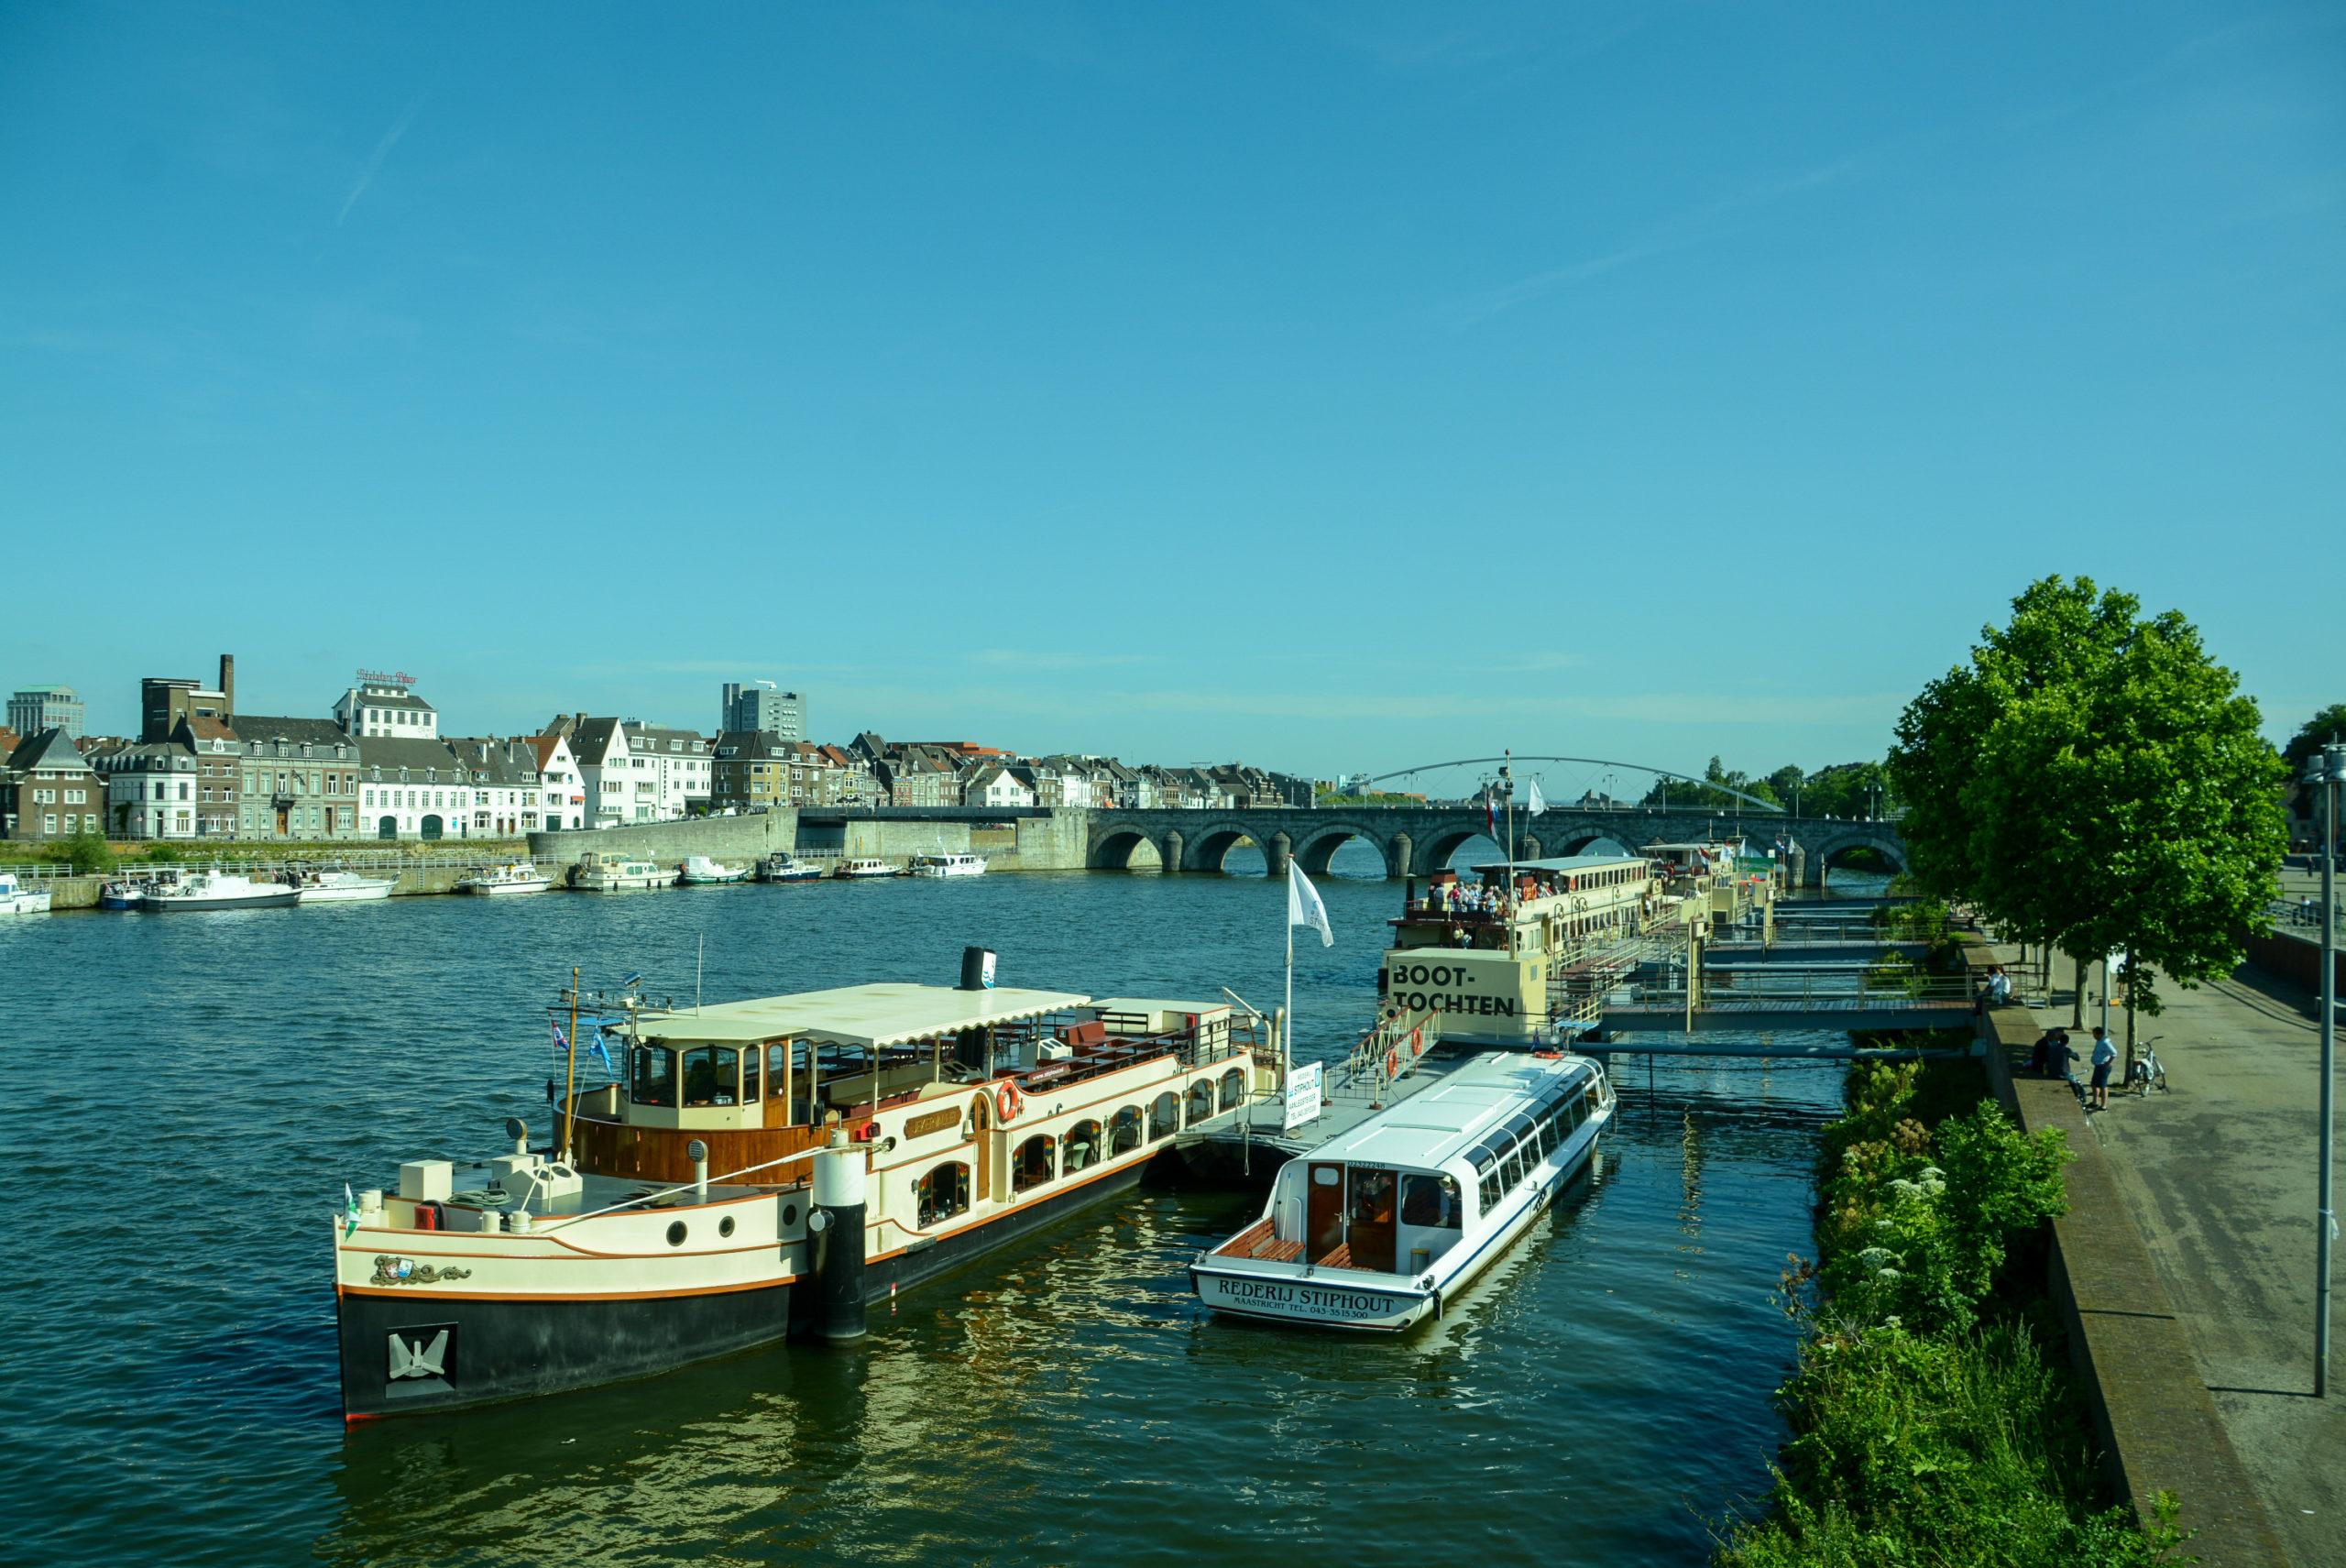 Die Maas in Maastricht mit Ausflugsschiffen und Brücken an einem herrlichen Sommertag